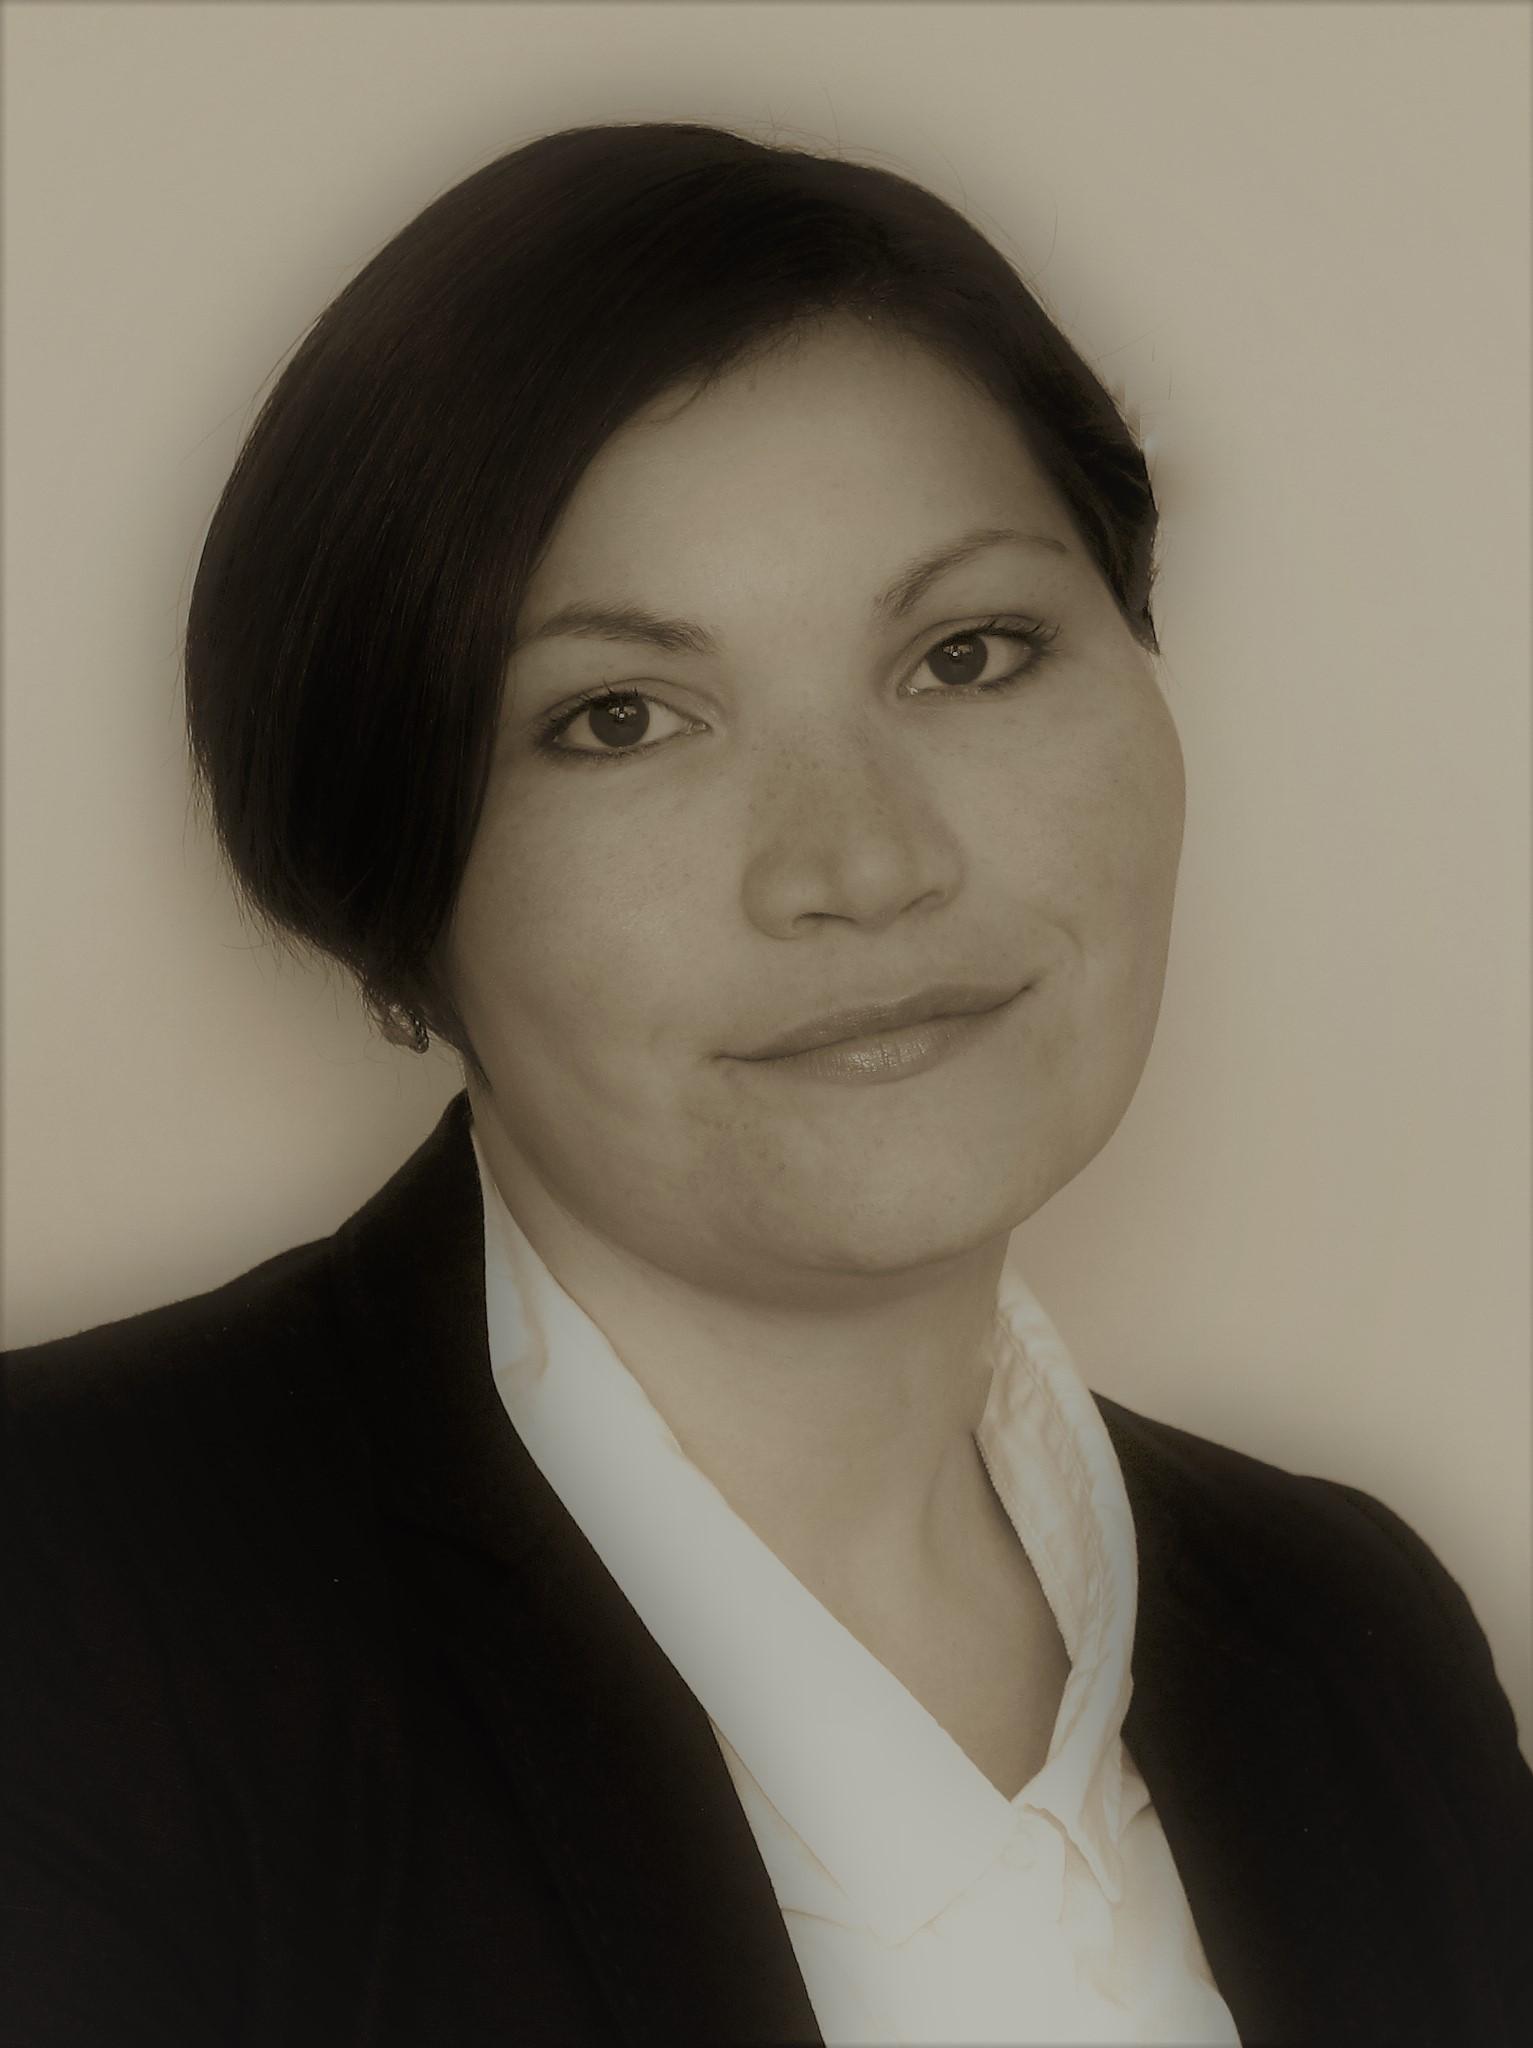 Portrait of Sarah Fjeld Oueslati